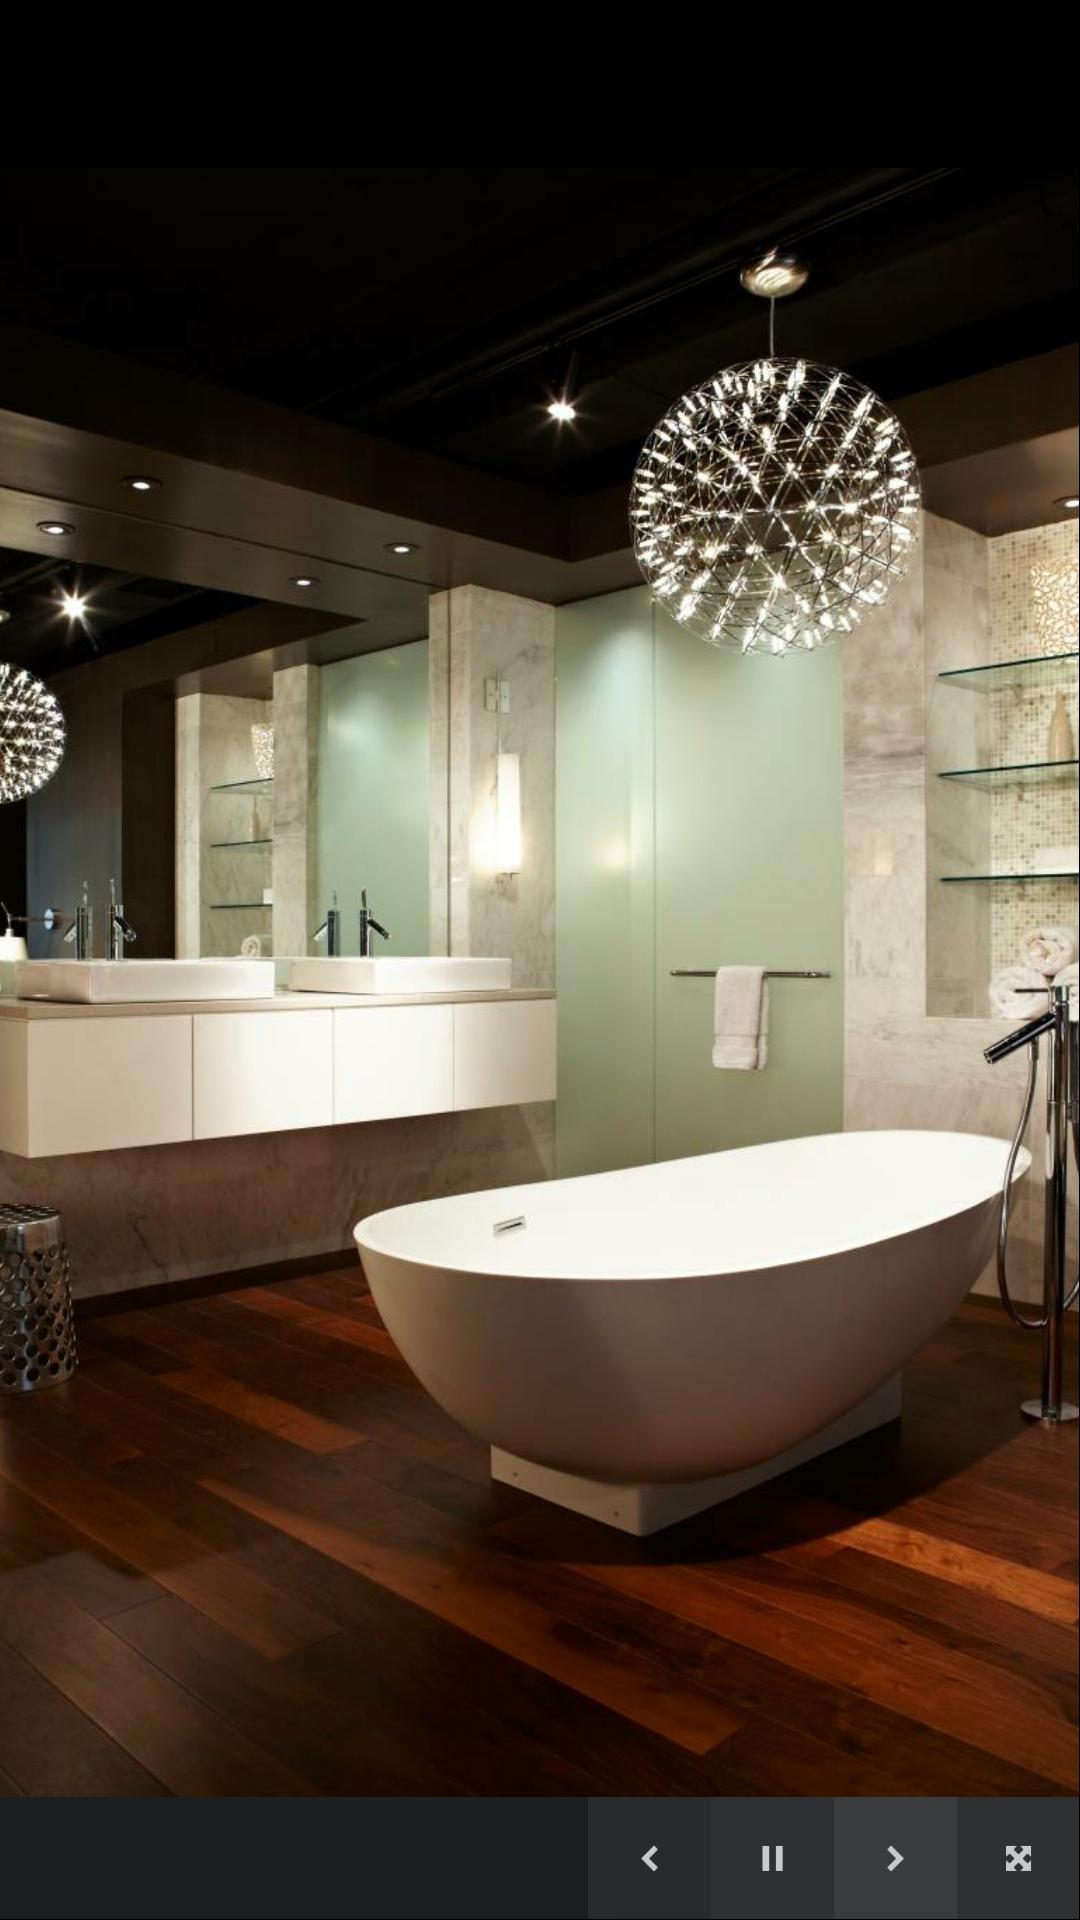 Badezimmer Deko-Ideen für Android - APK herunterladen